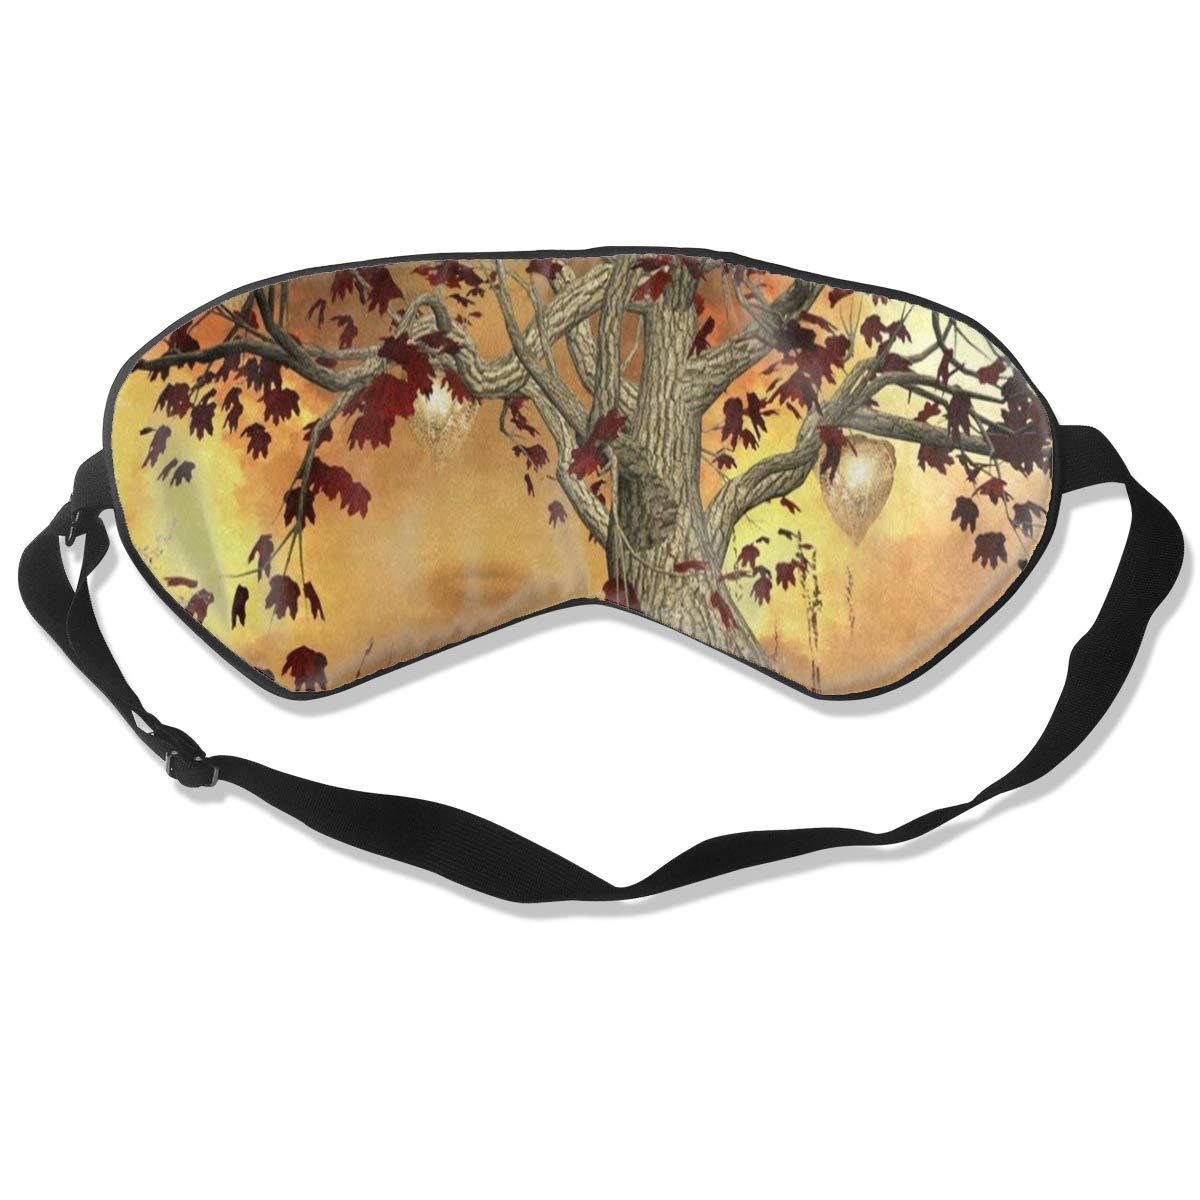 Custom Sleeping Mask Fantasy Tree Butterfly Glitter Adjustable Breathable Sleep Mask/Sleeping Eyes Mask/Sleep Eyes Mask/Eyeshade/Blindfold